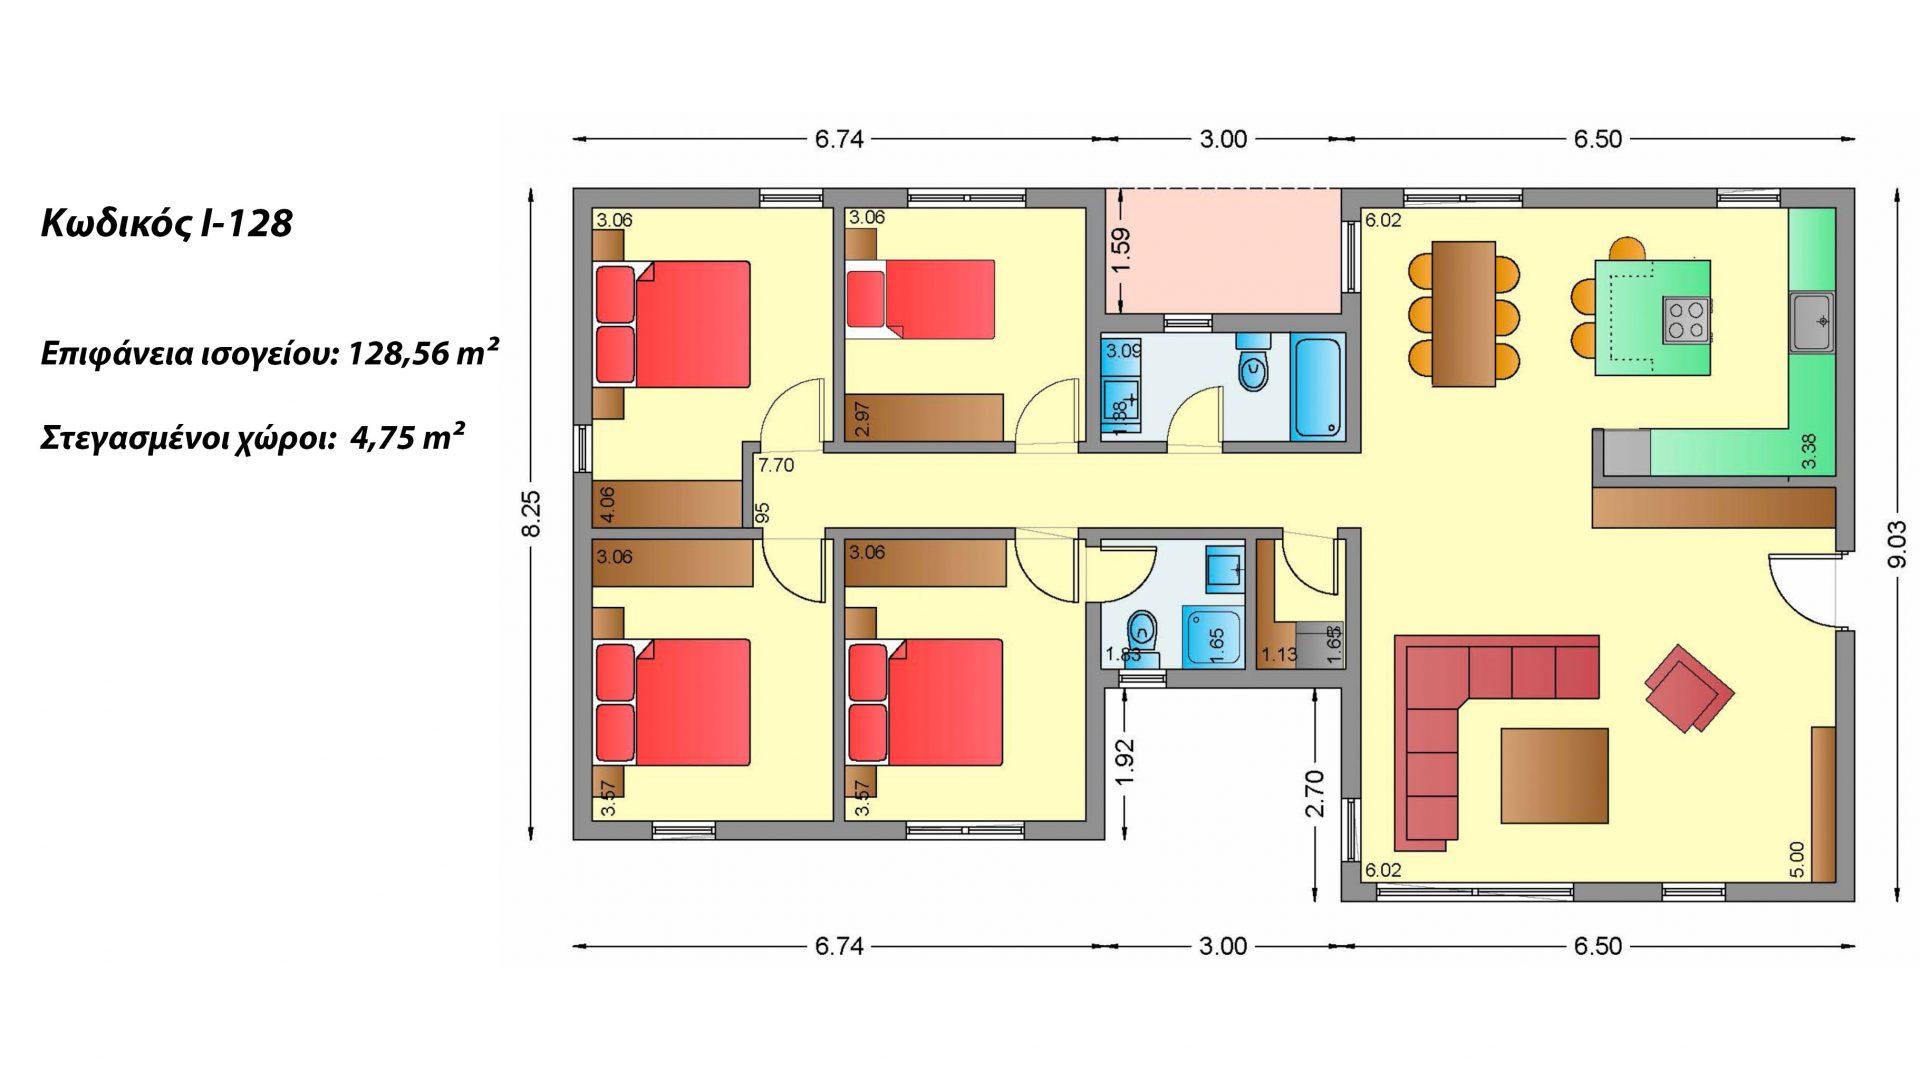 Ισόγεια Κατοικία I-128, συνολικής επιφάνειας 128,56 τ.μ., στεγασμένοι χώροι 4,75 τ.μ.